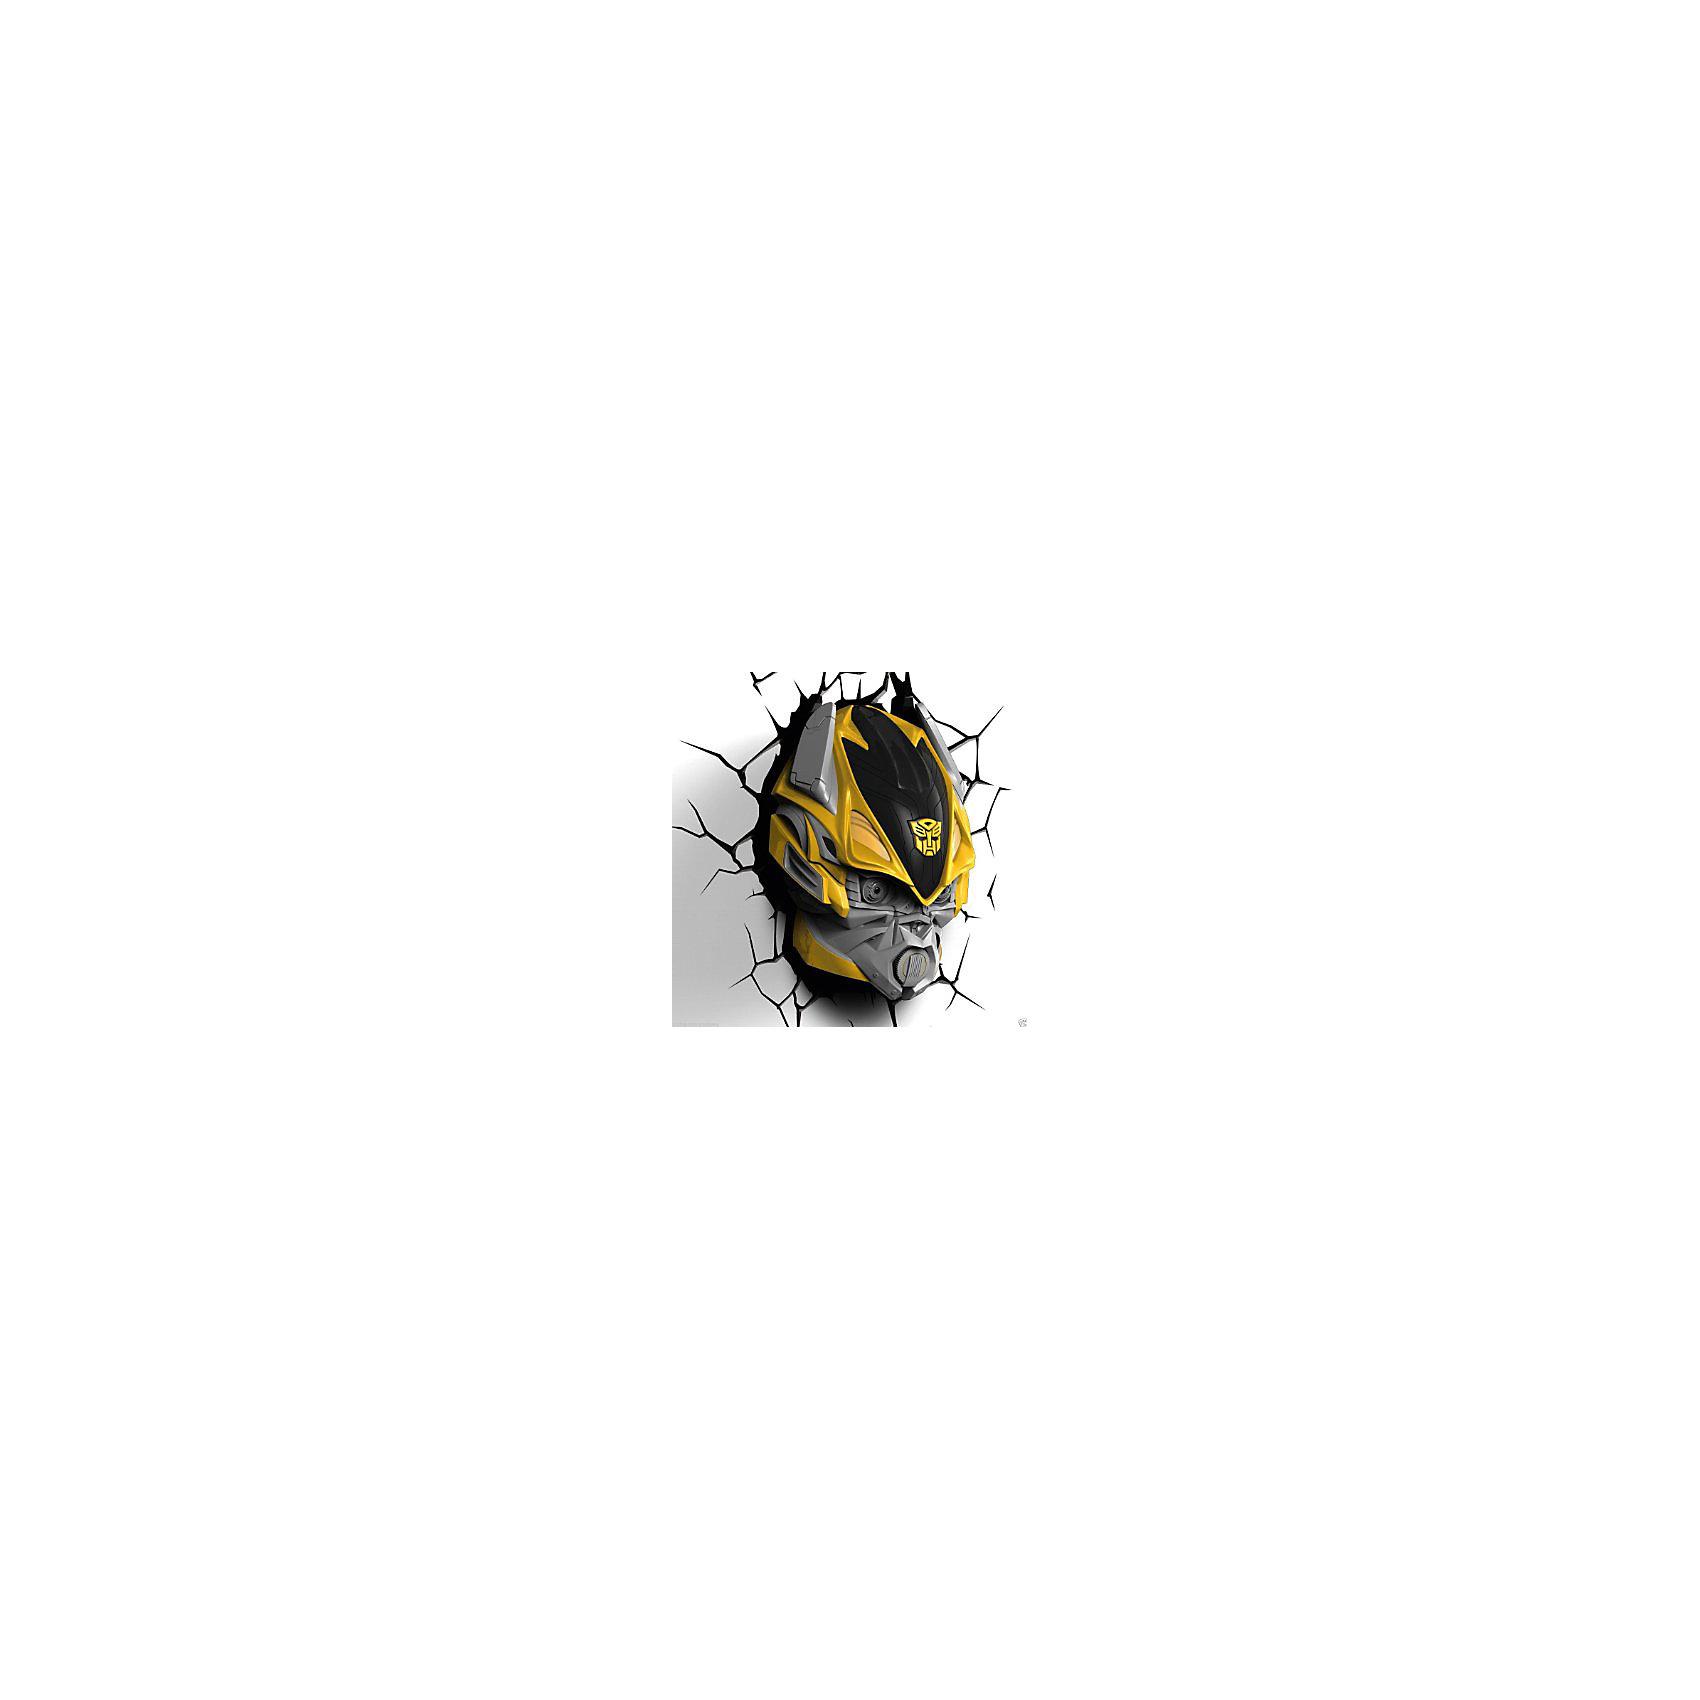 Пробивной 3D светильник Бамблби, ТрансформерыПробивной 3D светильник Бамблби, Трансформеры – этот светильник станет оригинальным декором для комнаты и подарит приятный мягкий свет.<br>Оригинальный реалистичный пробивной 3D светильник, выполненный в виде головы автобота Бамблби - героя блокбастера Трансформеры, понравится и детям, и взрослым. Он создает необыкновенную реалистичную иллюзию того, что у вас, что то воткнуто в стену, за счет своей специальной формы и 3D наклейки, имитирующей трещины. Помимо яркого, даже шокирующие-оригинального дизайна, пробивной светильник обладает функциональным качеством — дарит мягкий приглушенный свет, что позволяет использовать его как ночник над кроватью. Светильник безопасен для малыша, так как работает от батареек и не нагревается. Модель достаточно просто устанавливается на стене с помощью шурупов, входящих в комплект.<br><br>Дополнительная информация:<br><br>- В комплекте: светильник; 3D наклейка-имитация трещин; 2 шурупа<br>- Товар предназначен для детей старше 3 лет<br>- Безопасный: без проводов, работает от батареек (3хАА, не входят в комплект)<br>- Работает на светодиодах<br>- Источник света: LED лампа<br>- Не нагревается: всегда можно дотронуться до изделия<br>- Фантастический: выглядит превосходно в любое время суток<br>- Удобный: простая установка (автоматическое выключение через полчаса непрерывной работы)<br>- Материал: пластик<br>- Размер упаковки: 22,5х15,5х30,5 см.<br>- Вес: 0,89 кг.<br>- ВНИМАНИЕ! Содержит мелкие детали, использовать под непосредственным наблюдением взрослых<br>- Страна происхождения: Китай<br>- Дизайн и разработка: Канада<br><br>Пробивной 3D светильник Бамблби, Трансформеры можно купить в нашем интернет-магазине.<br><br>Ширина мм: 225<br>Глубина мм: 155<br>Высота мм: 305<br>Вес г: 890<br>Возраст от месяцев: 36<br>Возраст до месяцев: 2147483647<br>Пол: Унисекс<br>Возраст: Детский<br>SKU: 4566022